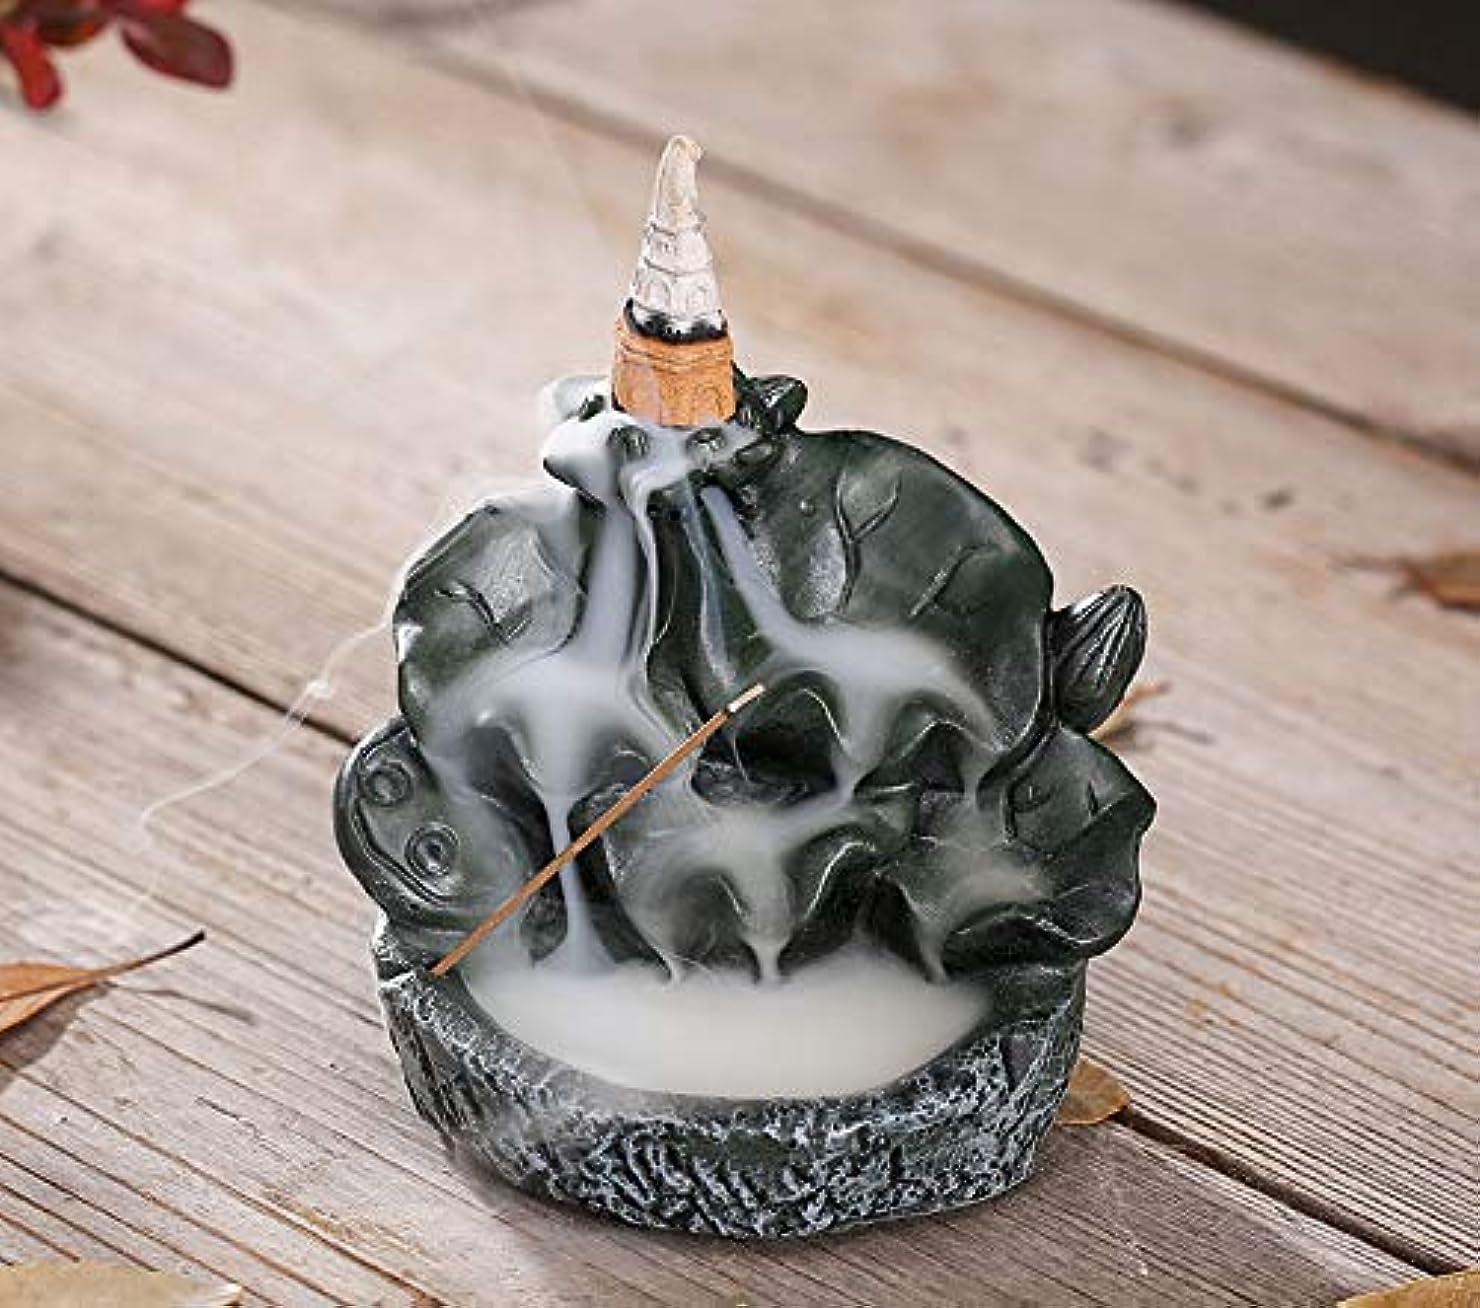 補充延ばすトピックPHILOGOD香炉ロータススタイリング陶器逆流香炉線香香立て仏壇用香置物/香皿